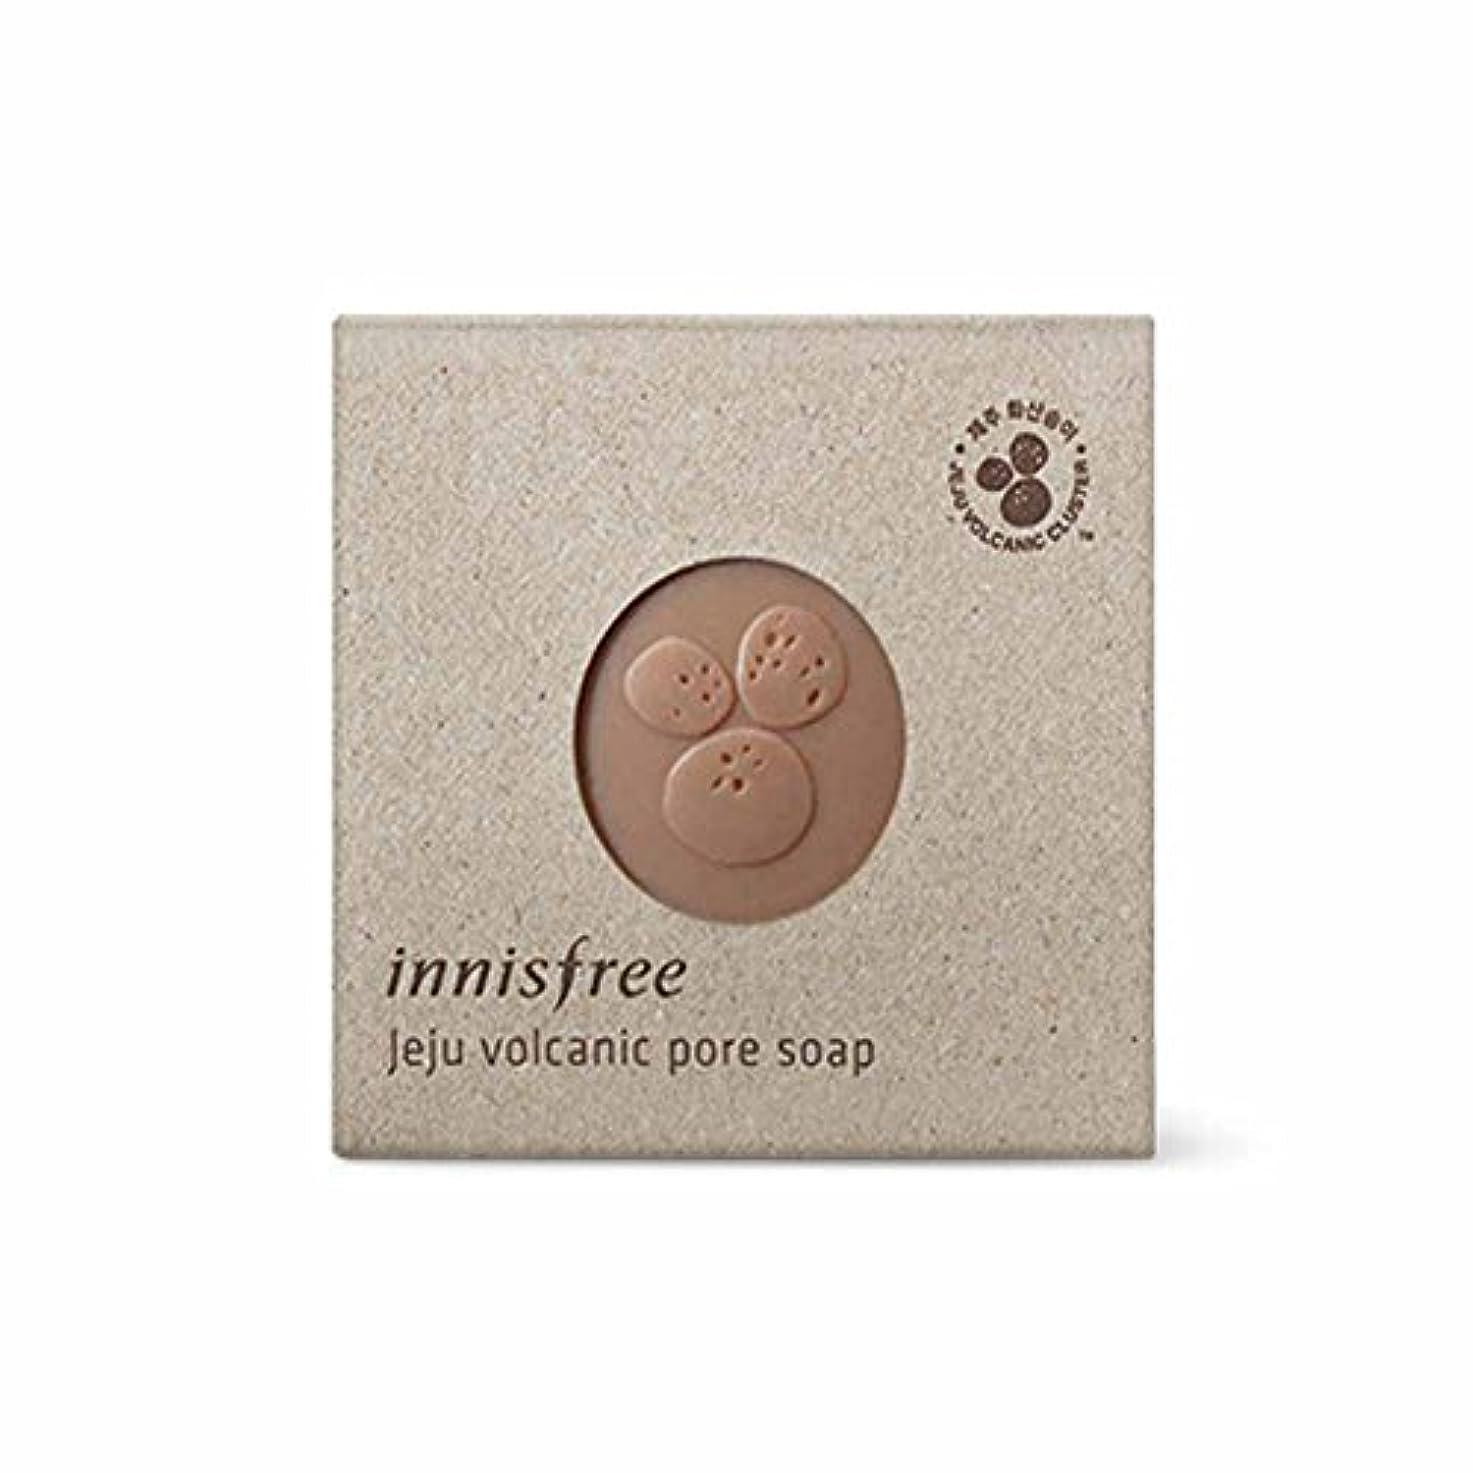 カストディアントマト麻痺innisfree Jeju Volcanic Pore Soap 100g/イニスフリー チェジュ ボルカニック(火山) ポア ソープ 100g